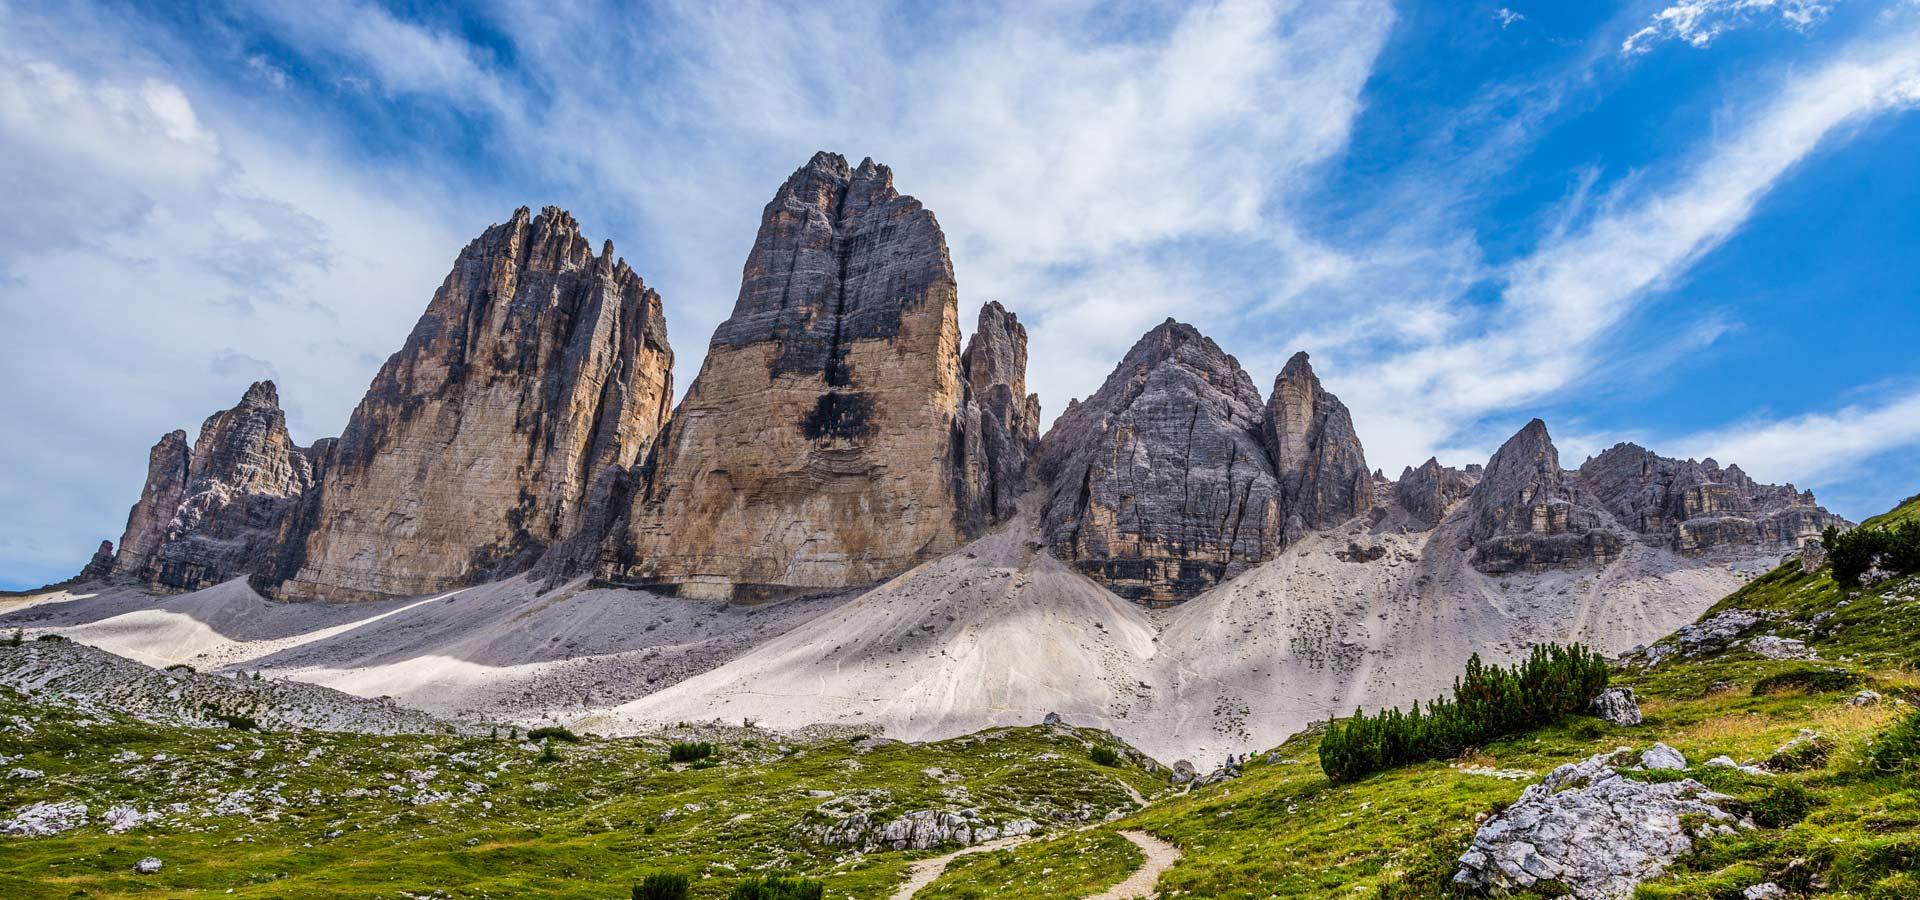 schnelle Farbe große sorten beste Seite The Dolomites' Three Peaks